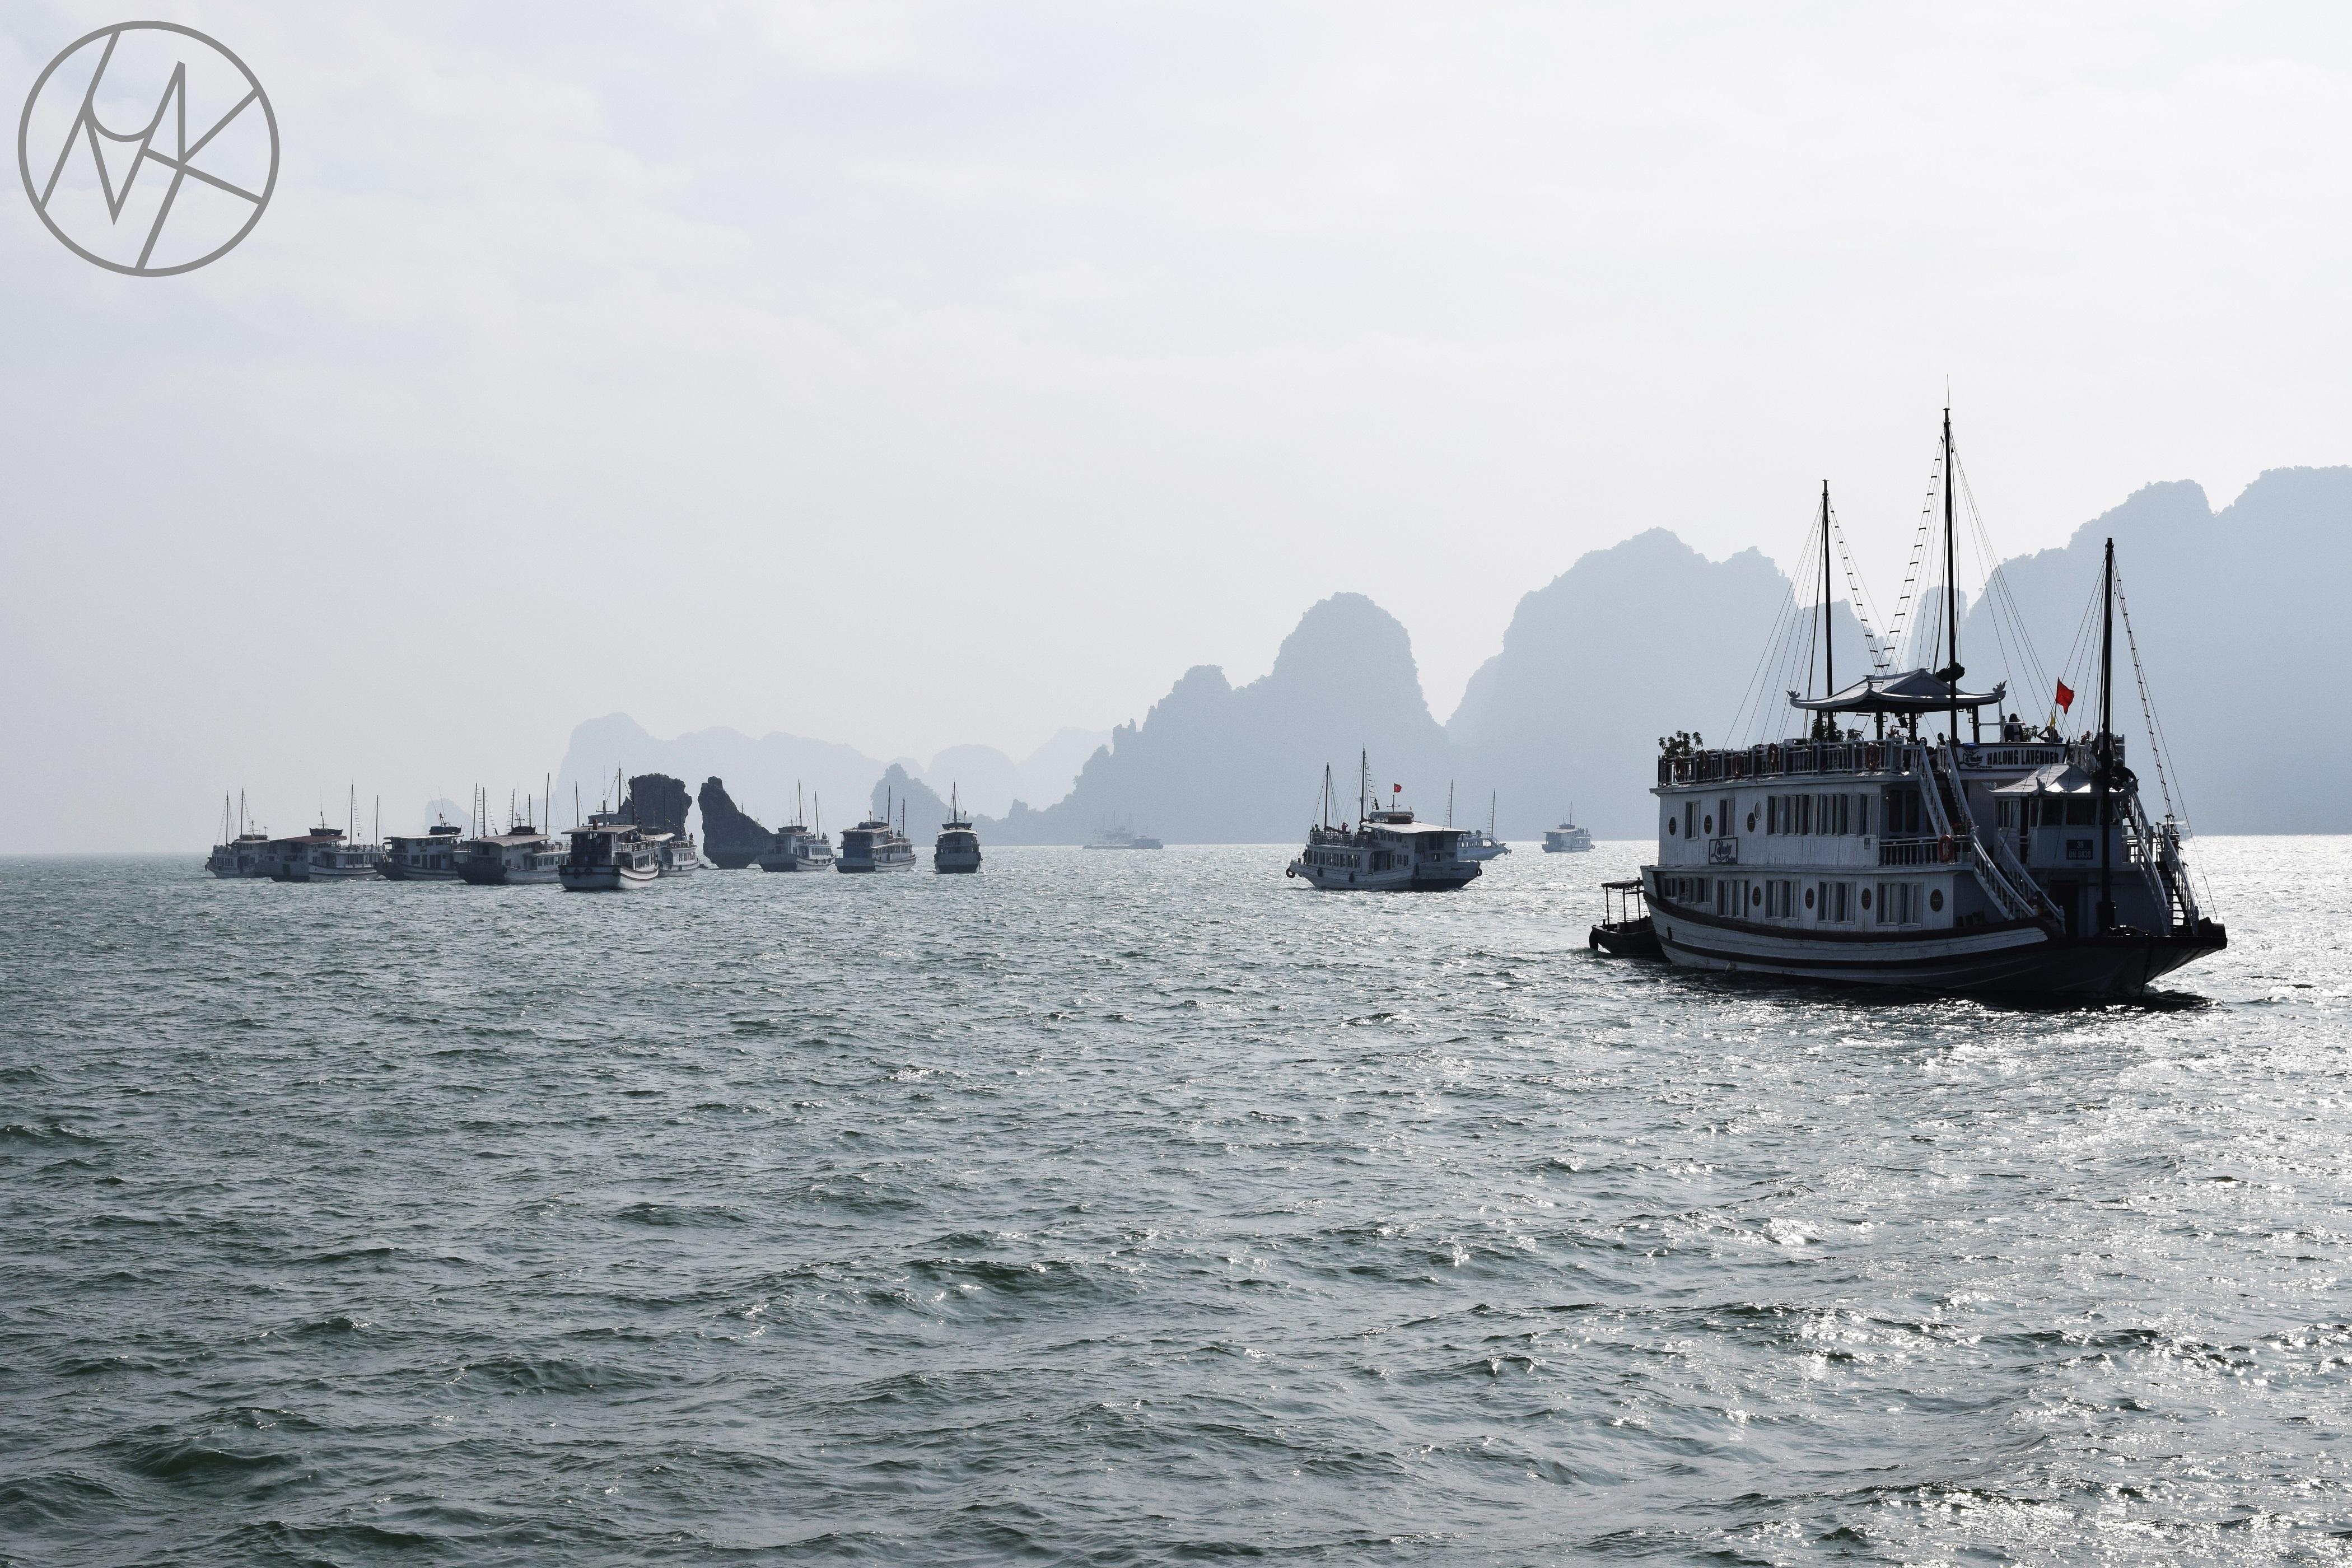 halong_bay_hanoi_kirandulas_boat_tour.JPG